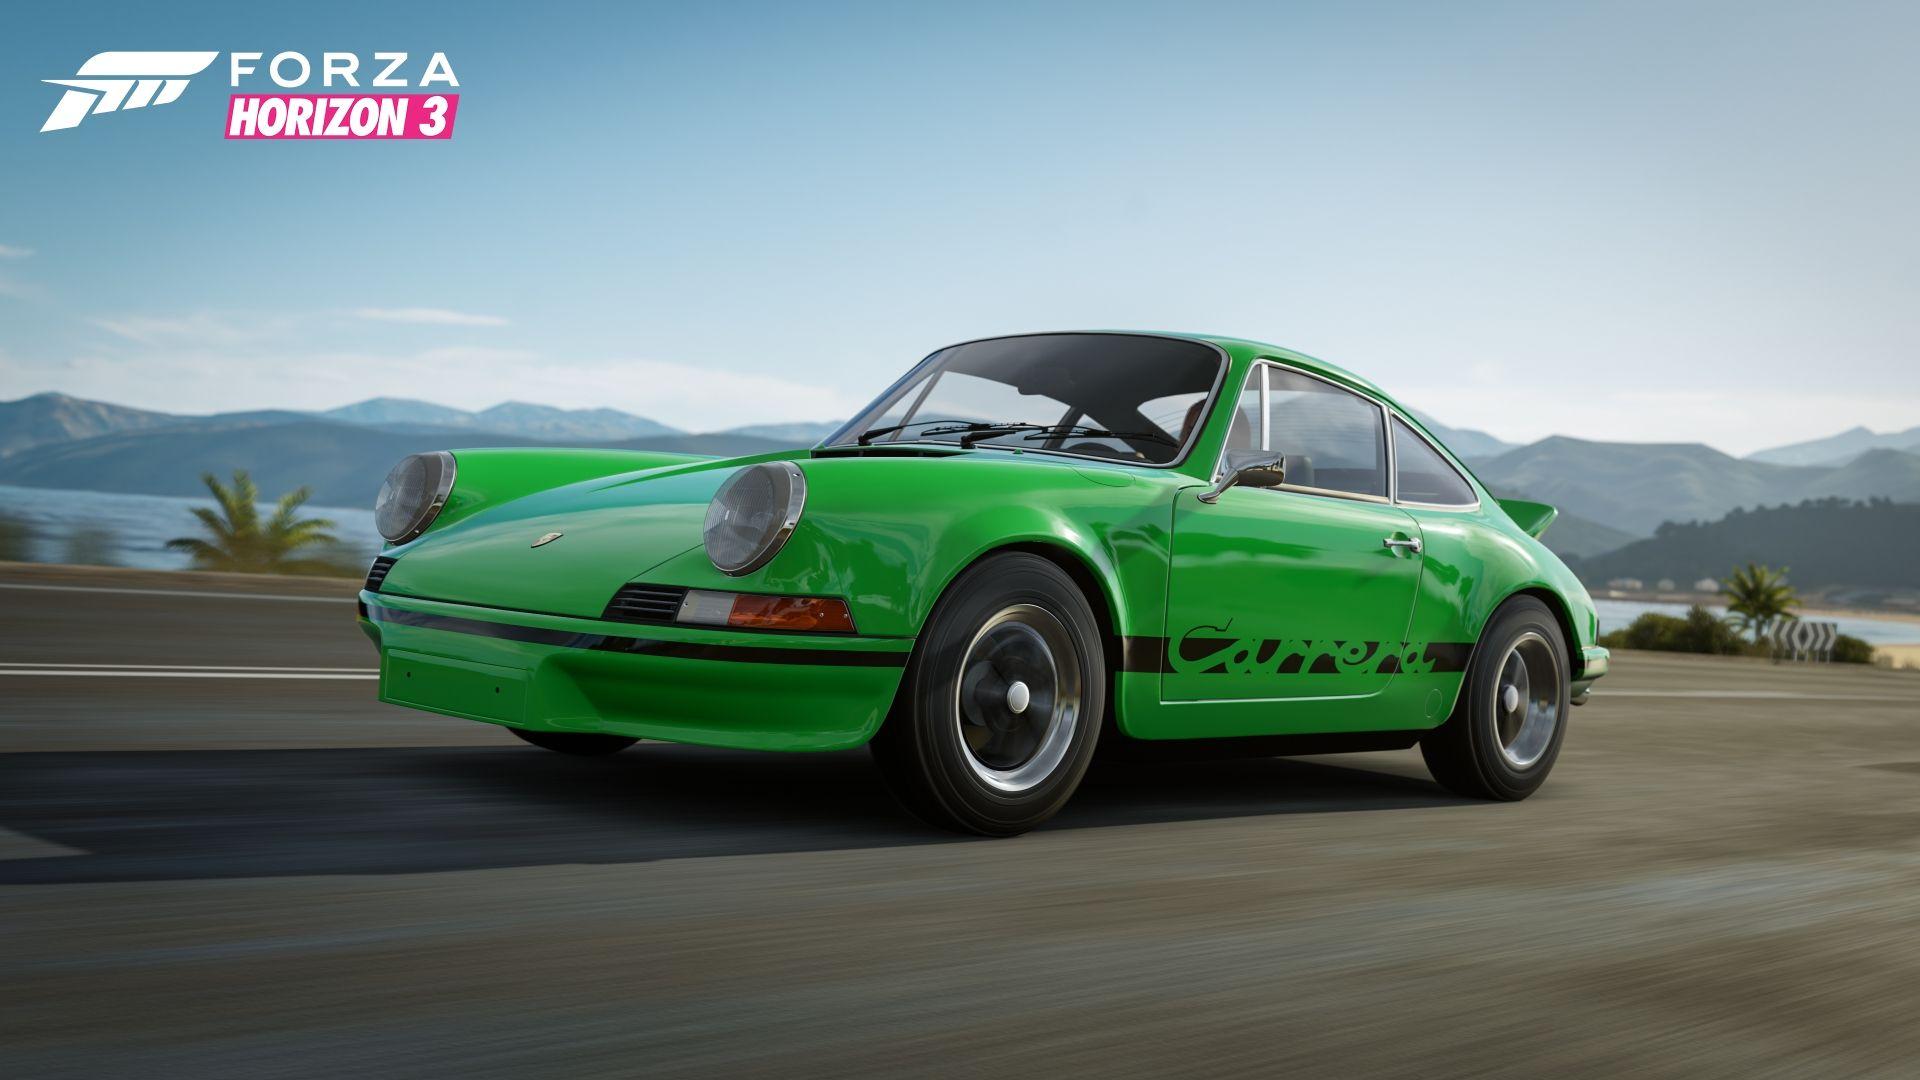 Forza Horizon 3 Porsche Car Pack Forza Horizon 3 Disponible Ici